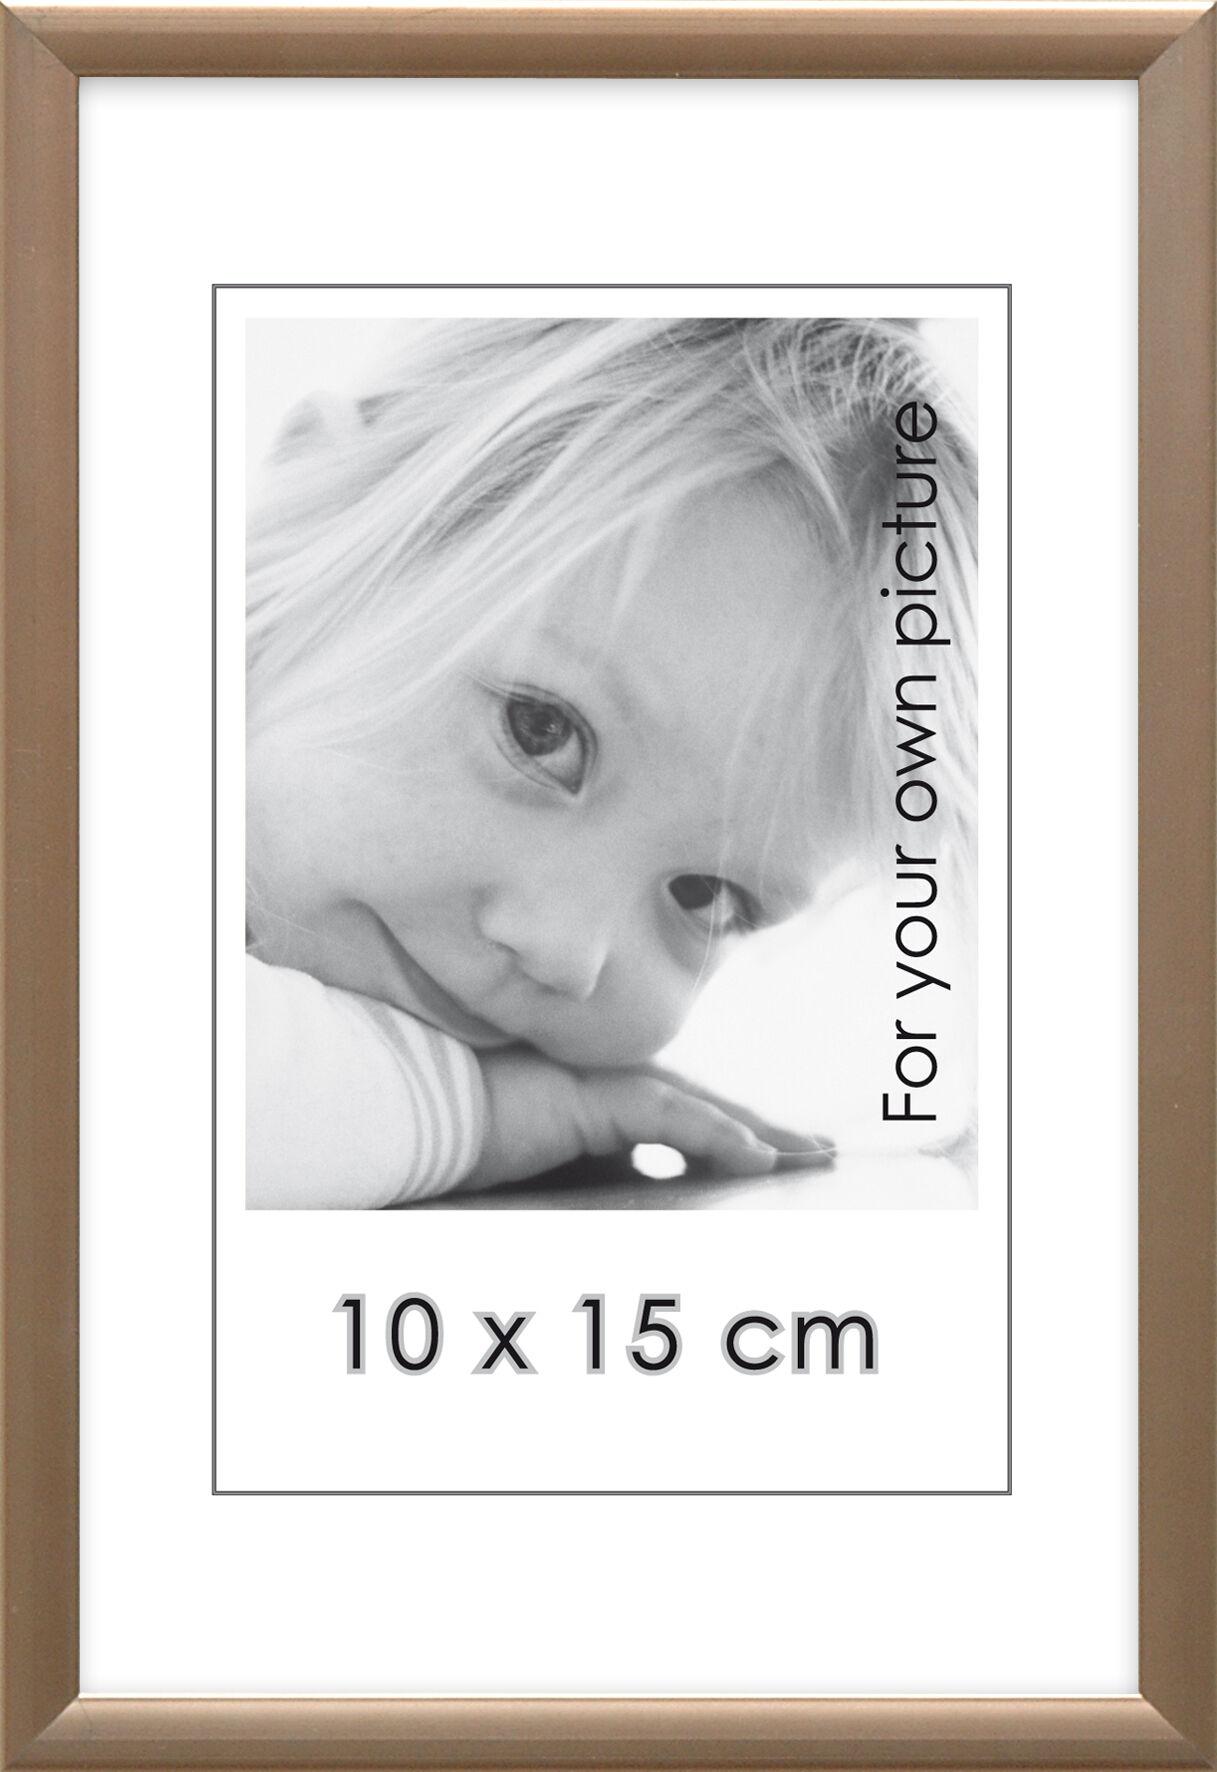 Artlink Åland Matta Pronssinvärinen 18x24 cm